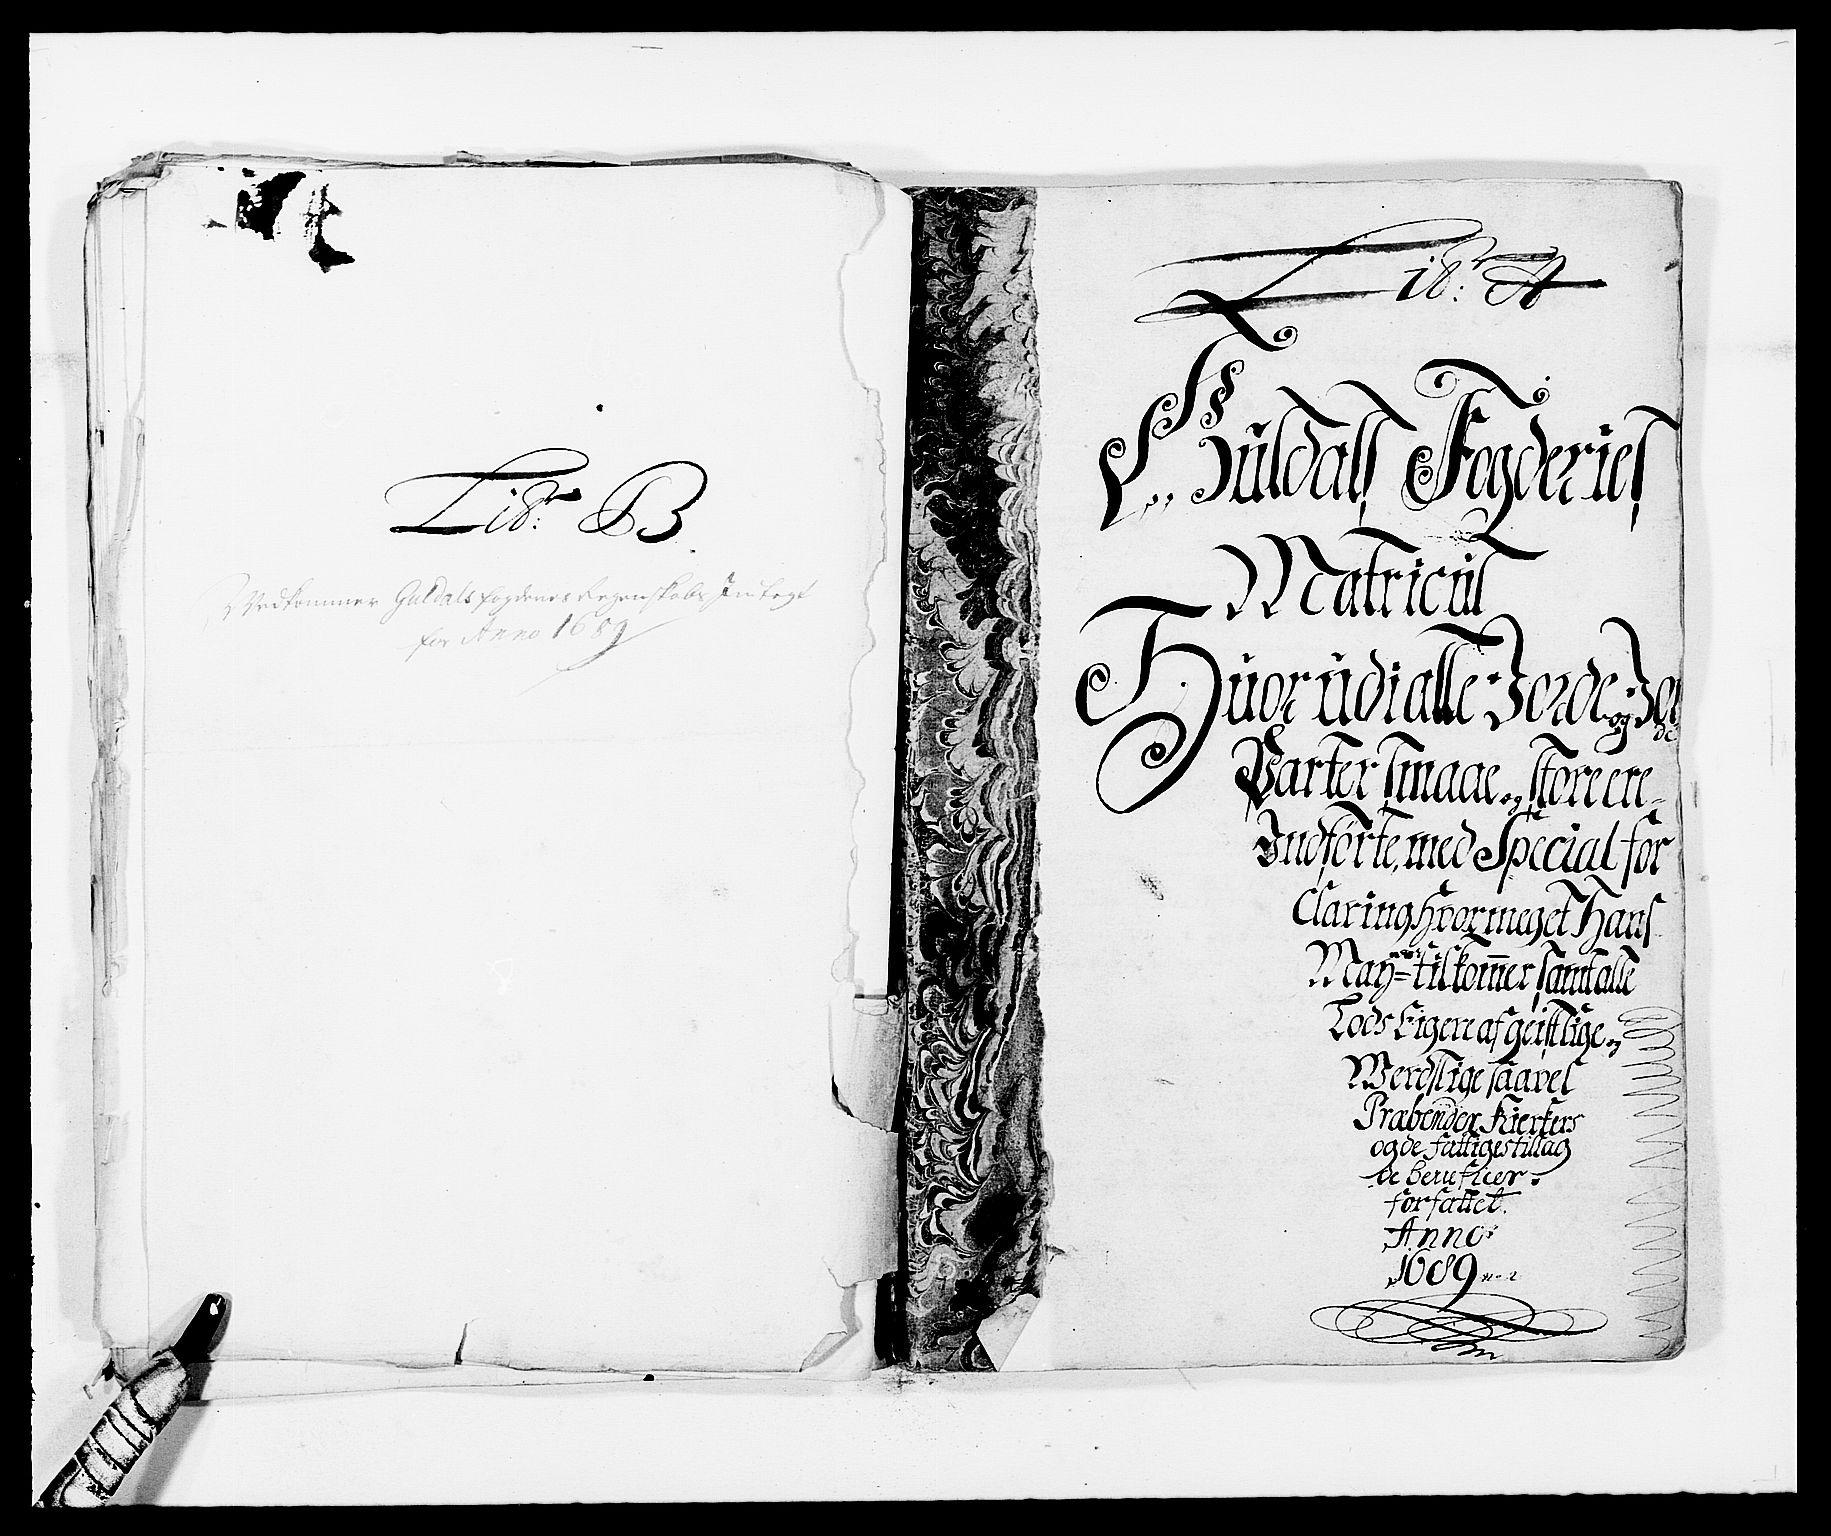 RA, Rentekammeret inntil 1814, Reviderte regnskaper, Fogderegnskap, R59/L3940: Fogderegnskap Gauldal, 1689-1690, s. 18